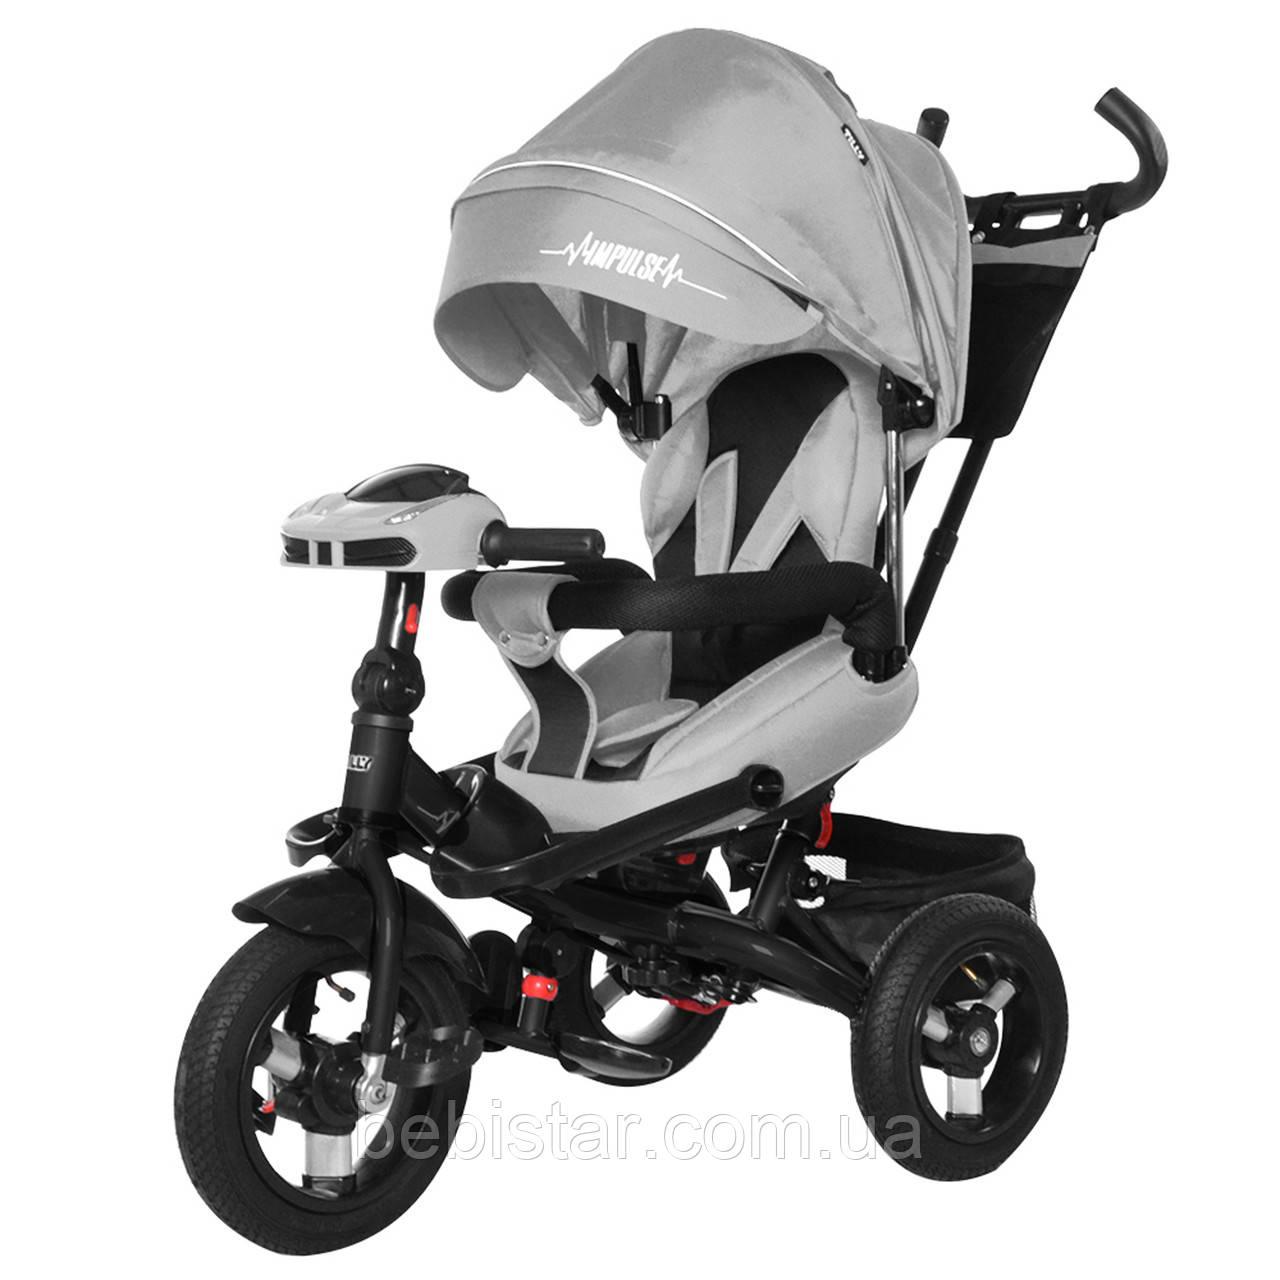 Трехколесный велосипед усиленной рамой TILLY Impulse Т-386/1 с пультом на надувных колесах музыка и свет